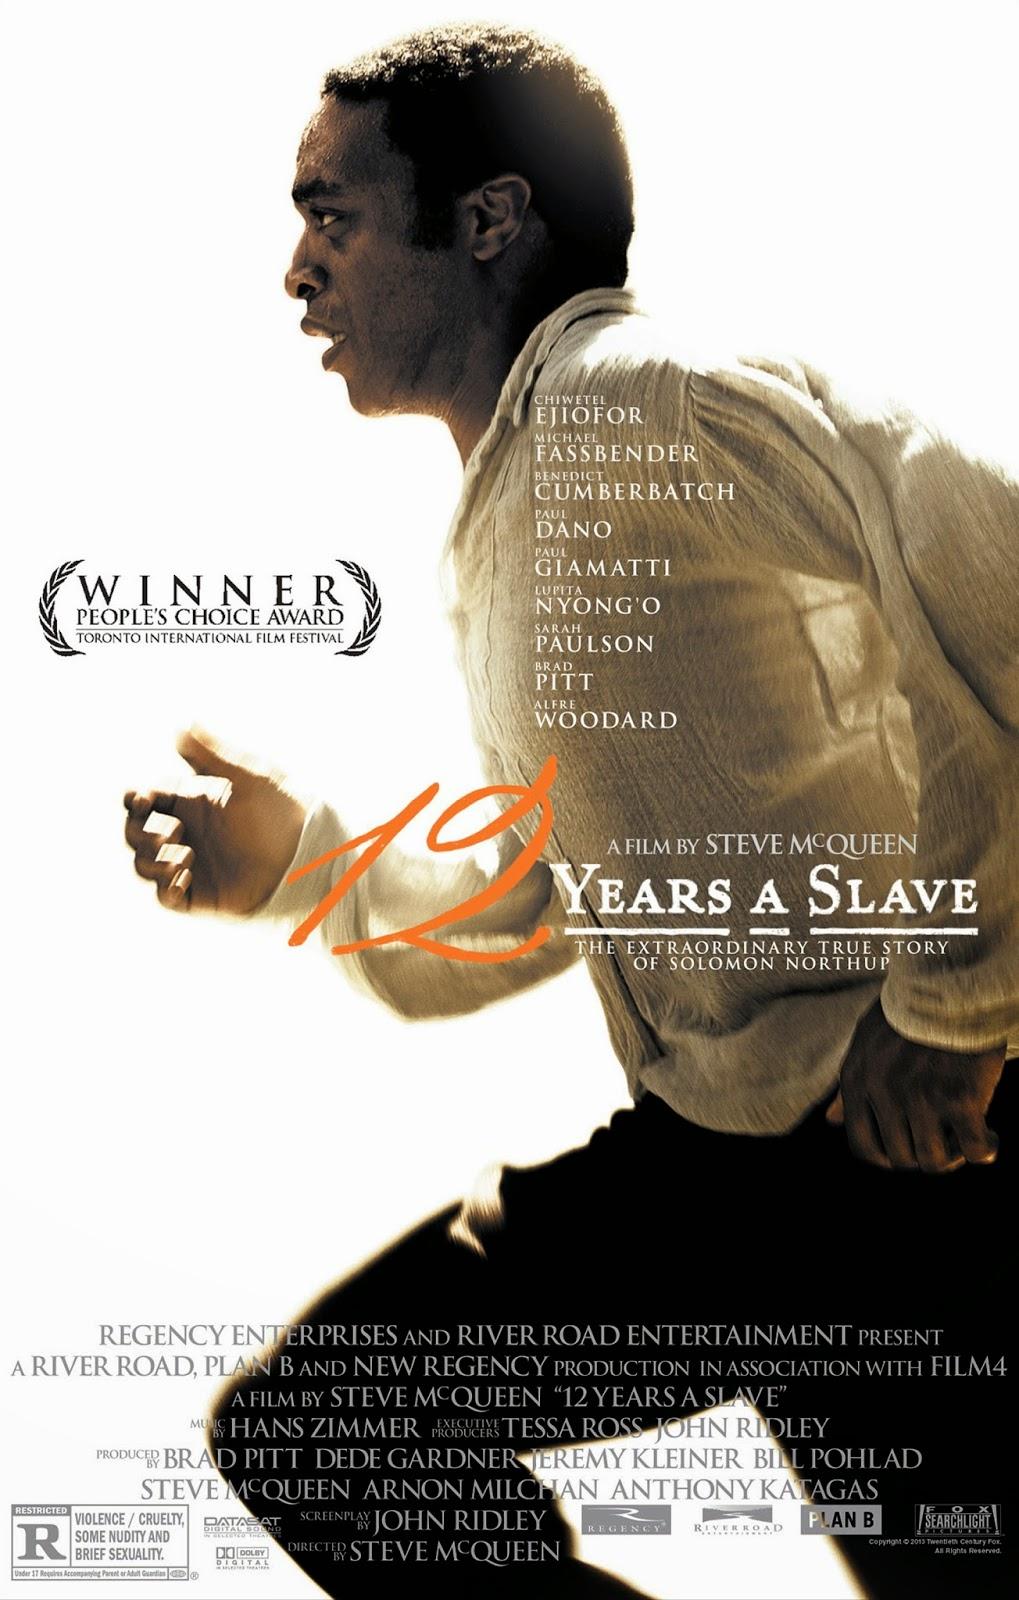 cartaz filme 12 anos de escravidão (twelve years a slave, 2013)